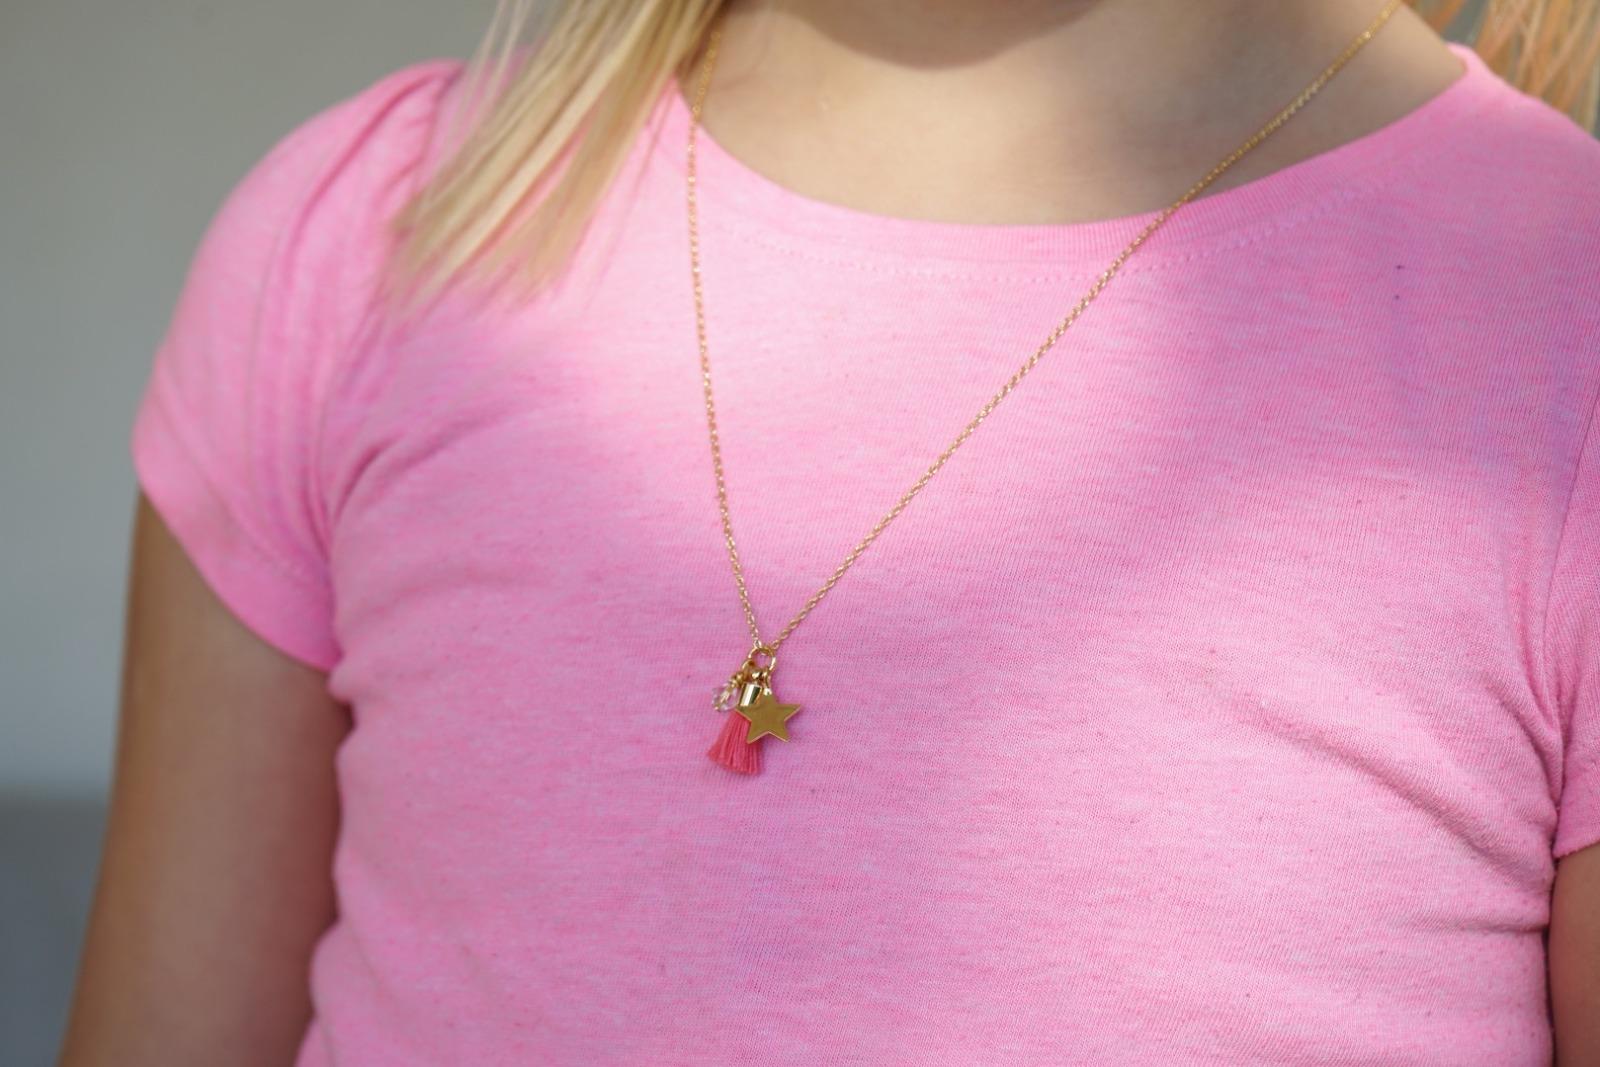 Kette Gold mit Glitzeranhänger - Mint